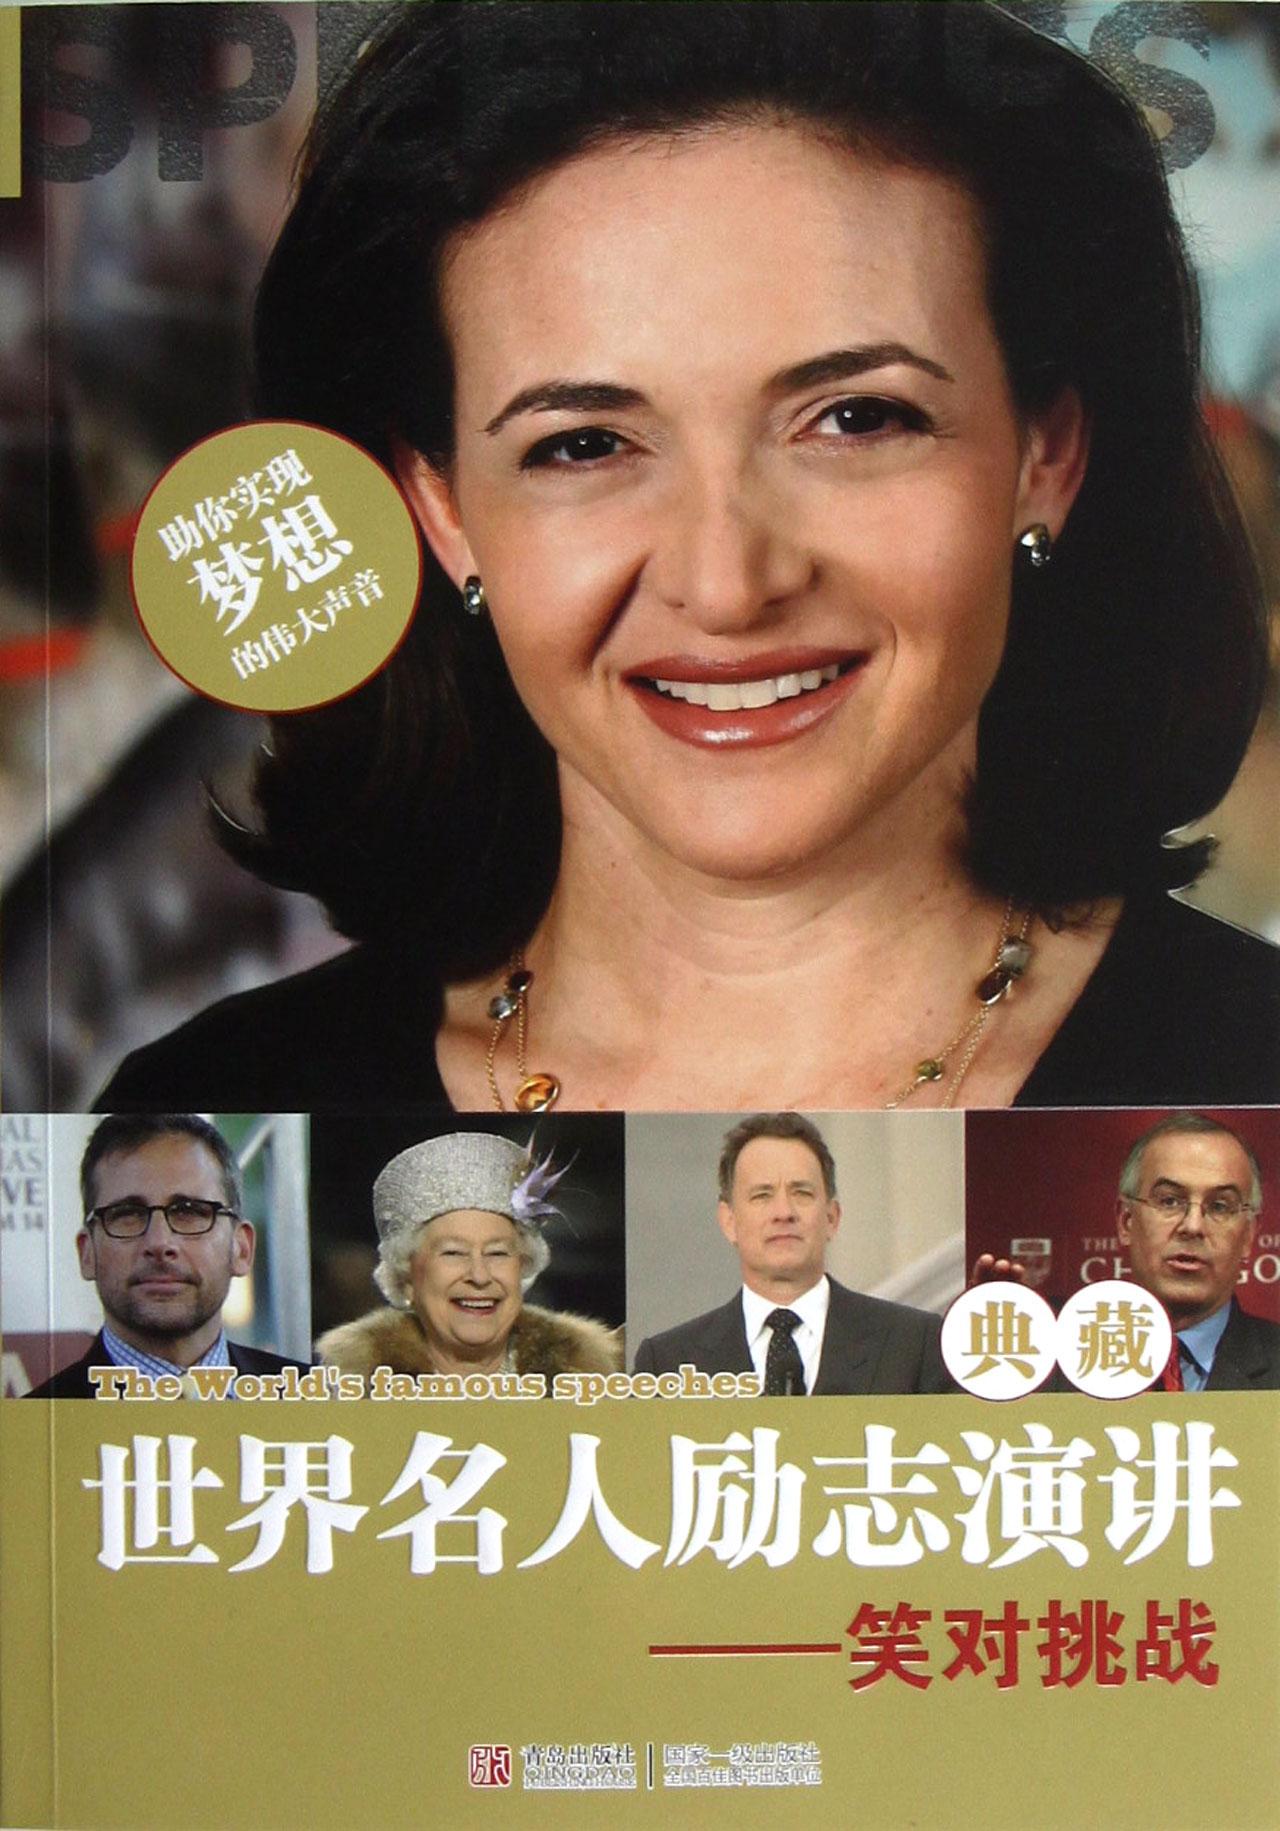 世界名人励志演讲典藏--笑对挑战